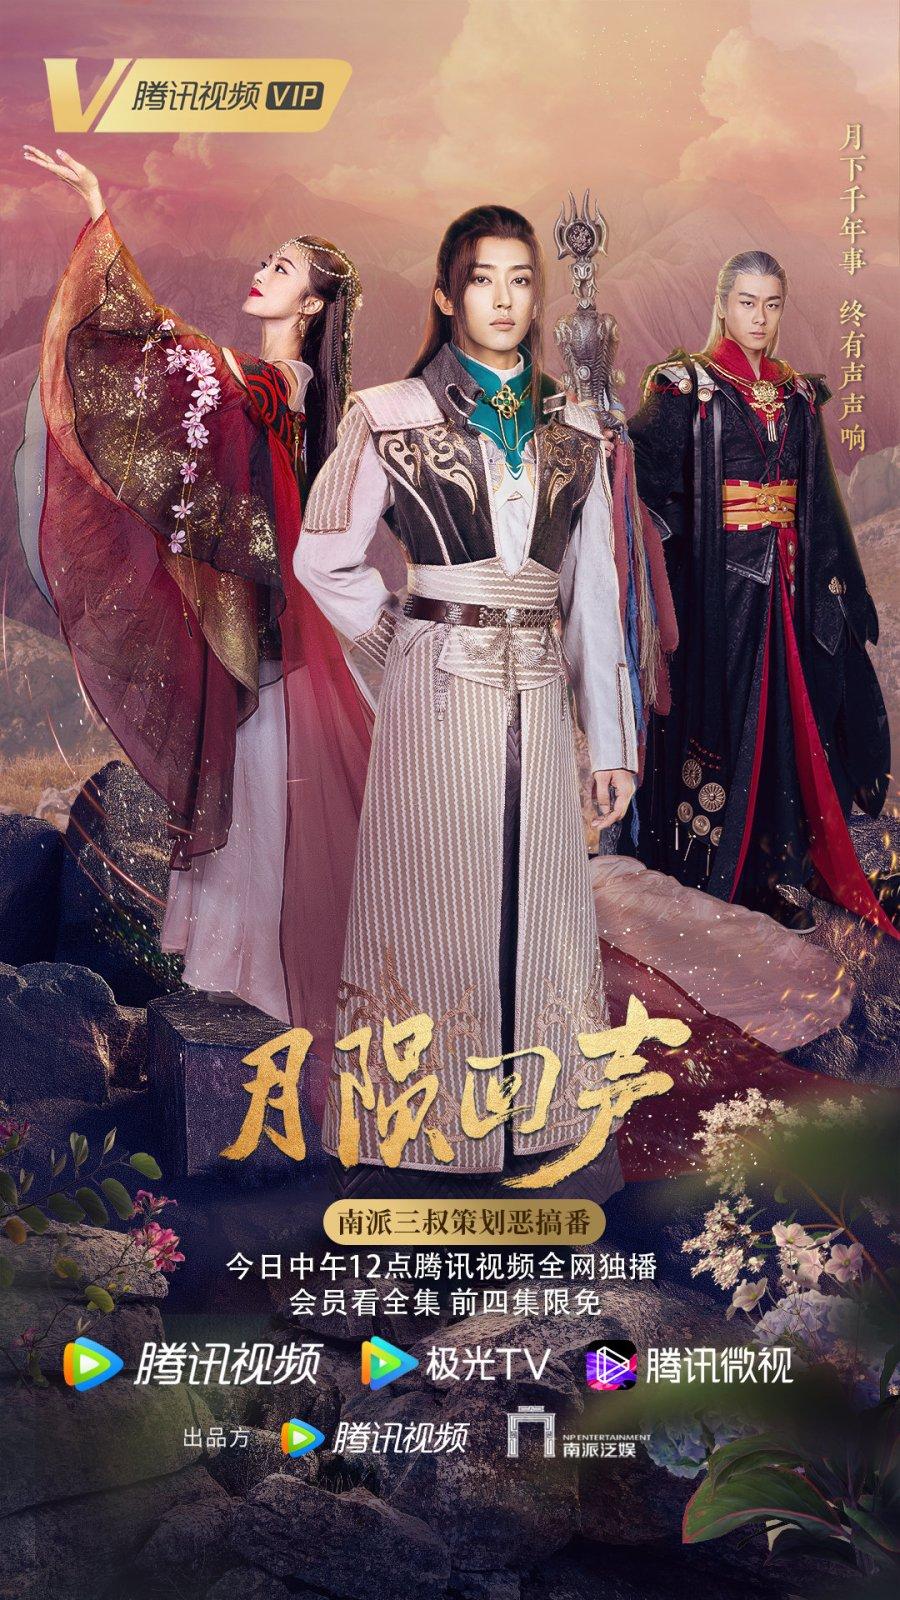 yue-yun-hui-sheng-อุกกาบาตปริศนา-ซับไทย-ep-1-14